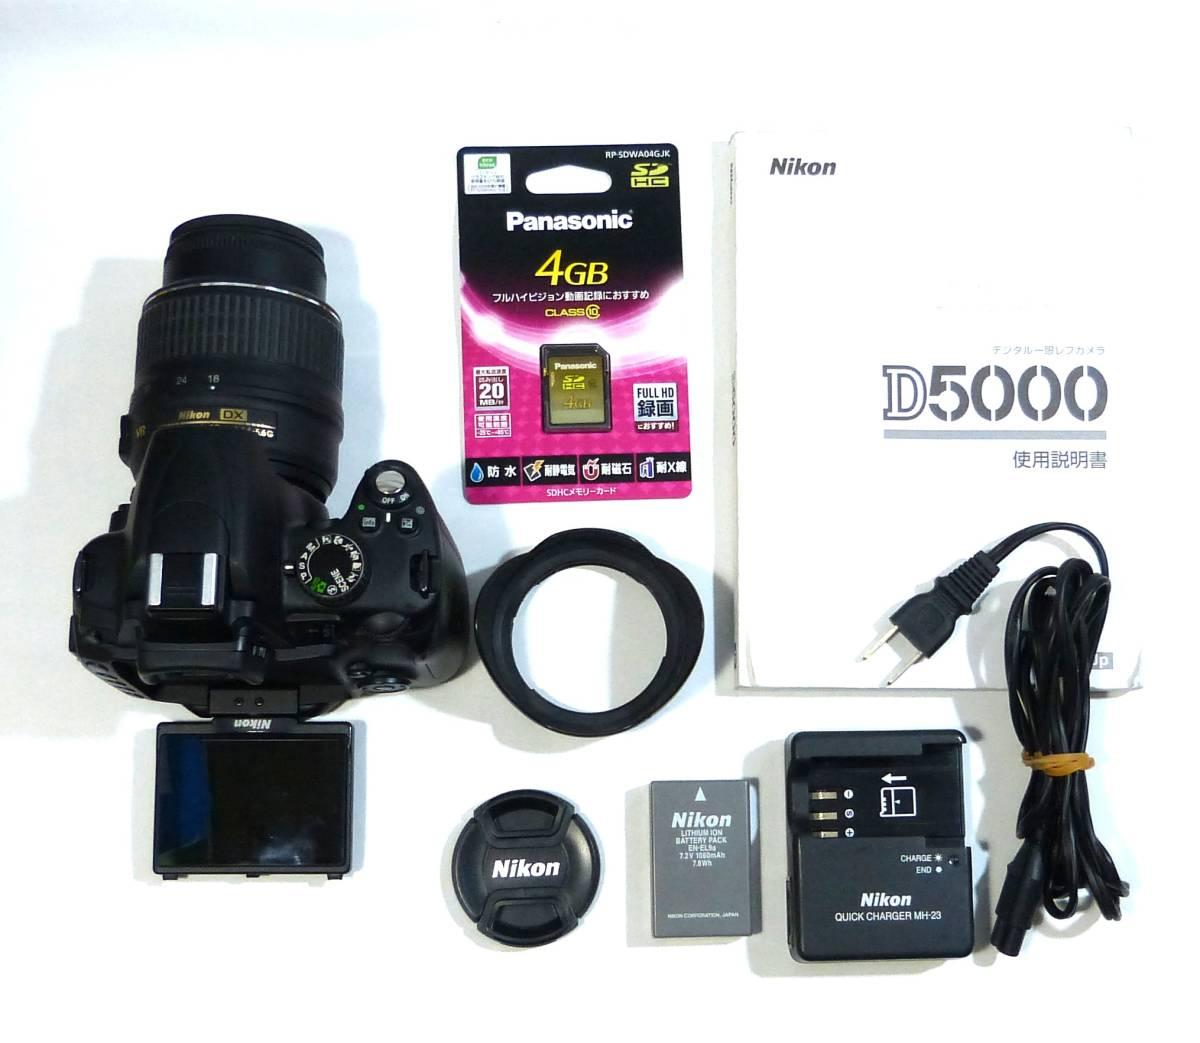 デジタルカメラ ニコン中古一眼レフ 動作確認済 Nikon D5000  純正 ズームレンズ キット18-55mm 1230画素 4GSDHC 純正バッテリー_画像1